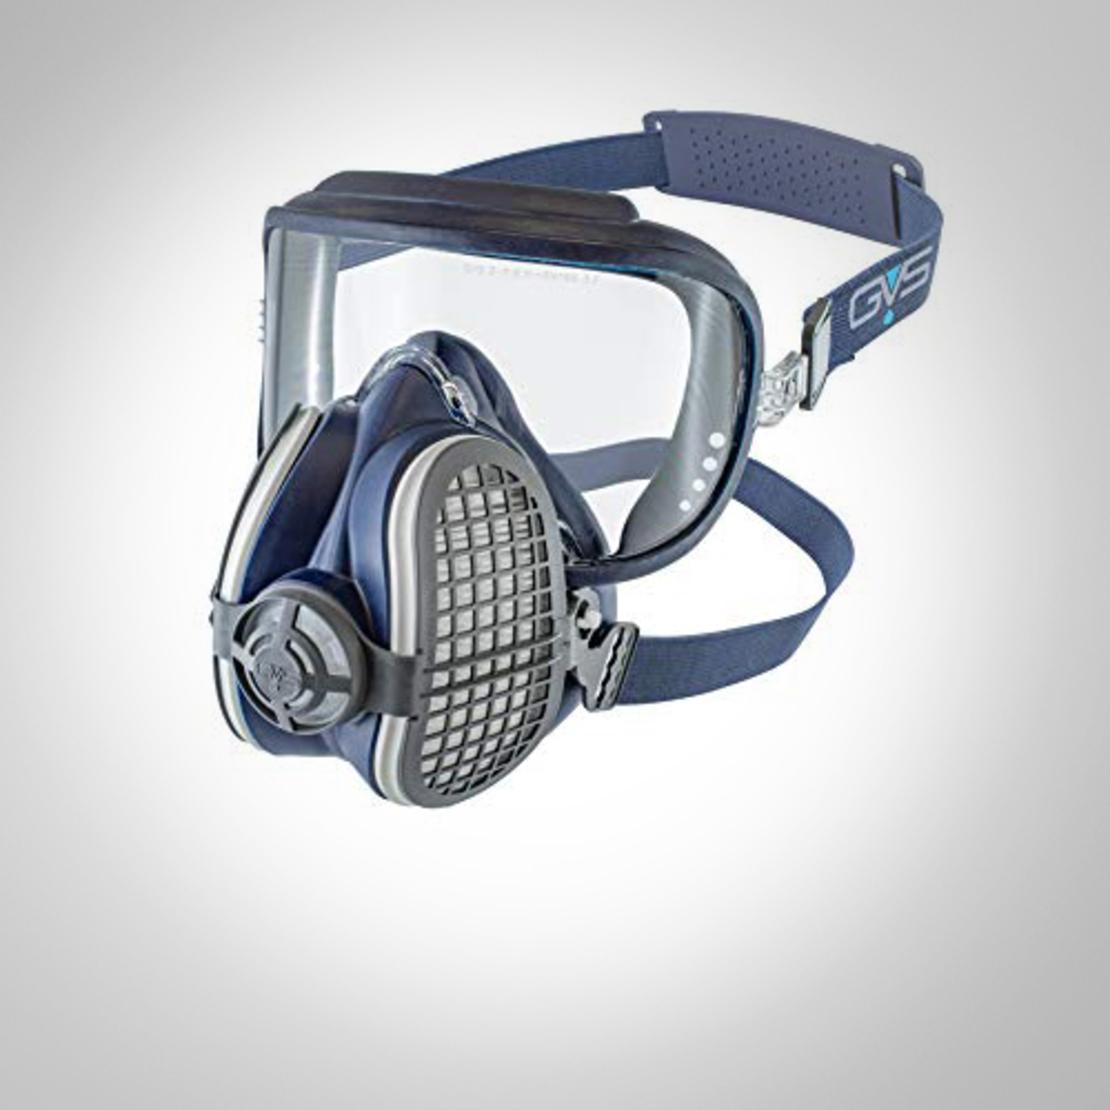 מסכת חצי פנים P3 משולב הגנת עיניים SPR405 Elipse